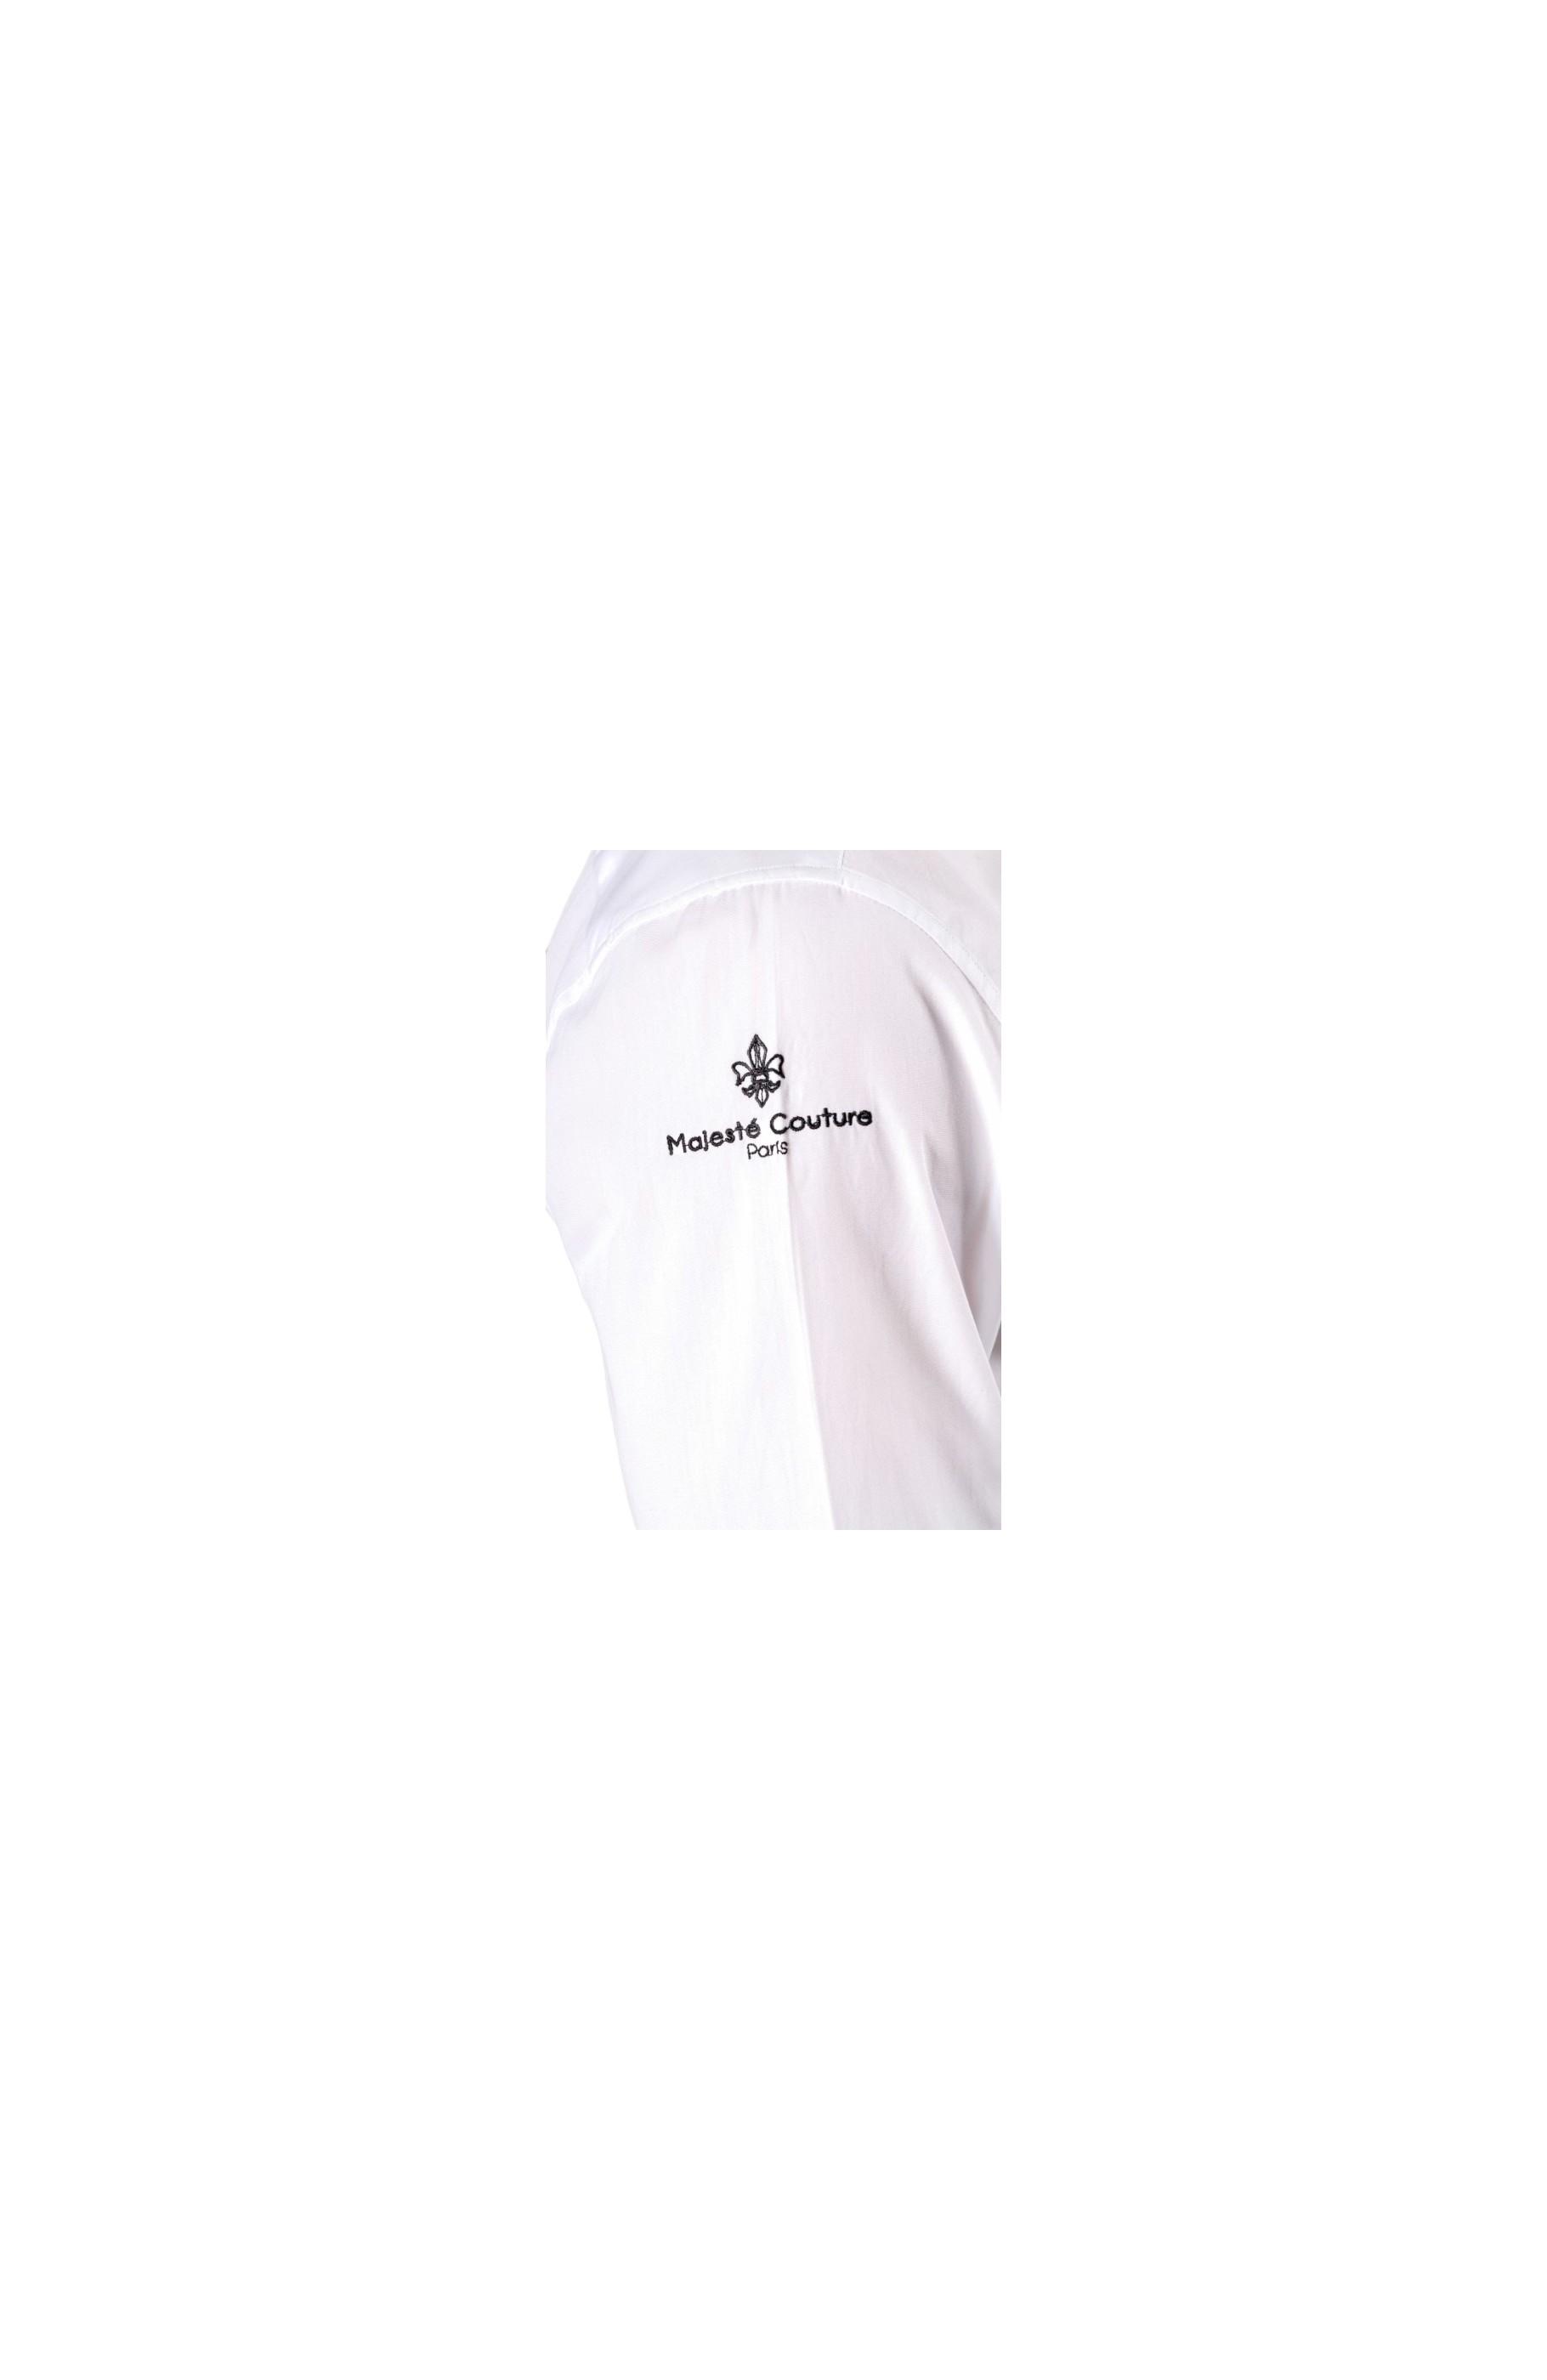 Majesté Couture Paris: WHITE MAJESTÉ CLUB SHIRT   Clothing,Clothing > Shirts -  Hiphunters Shop